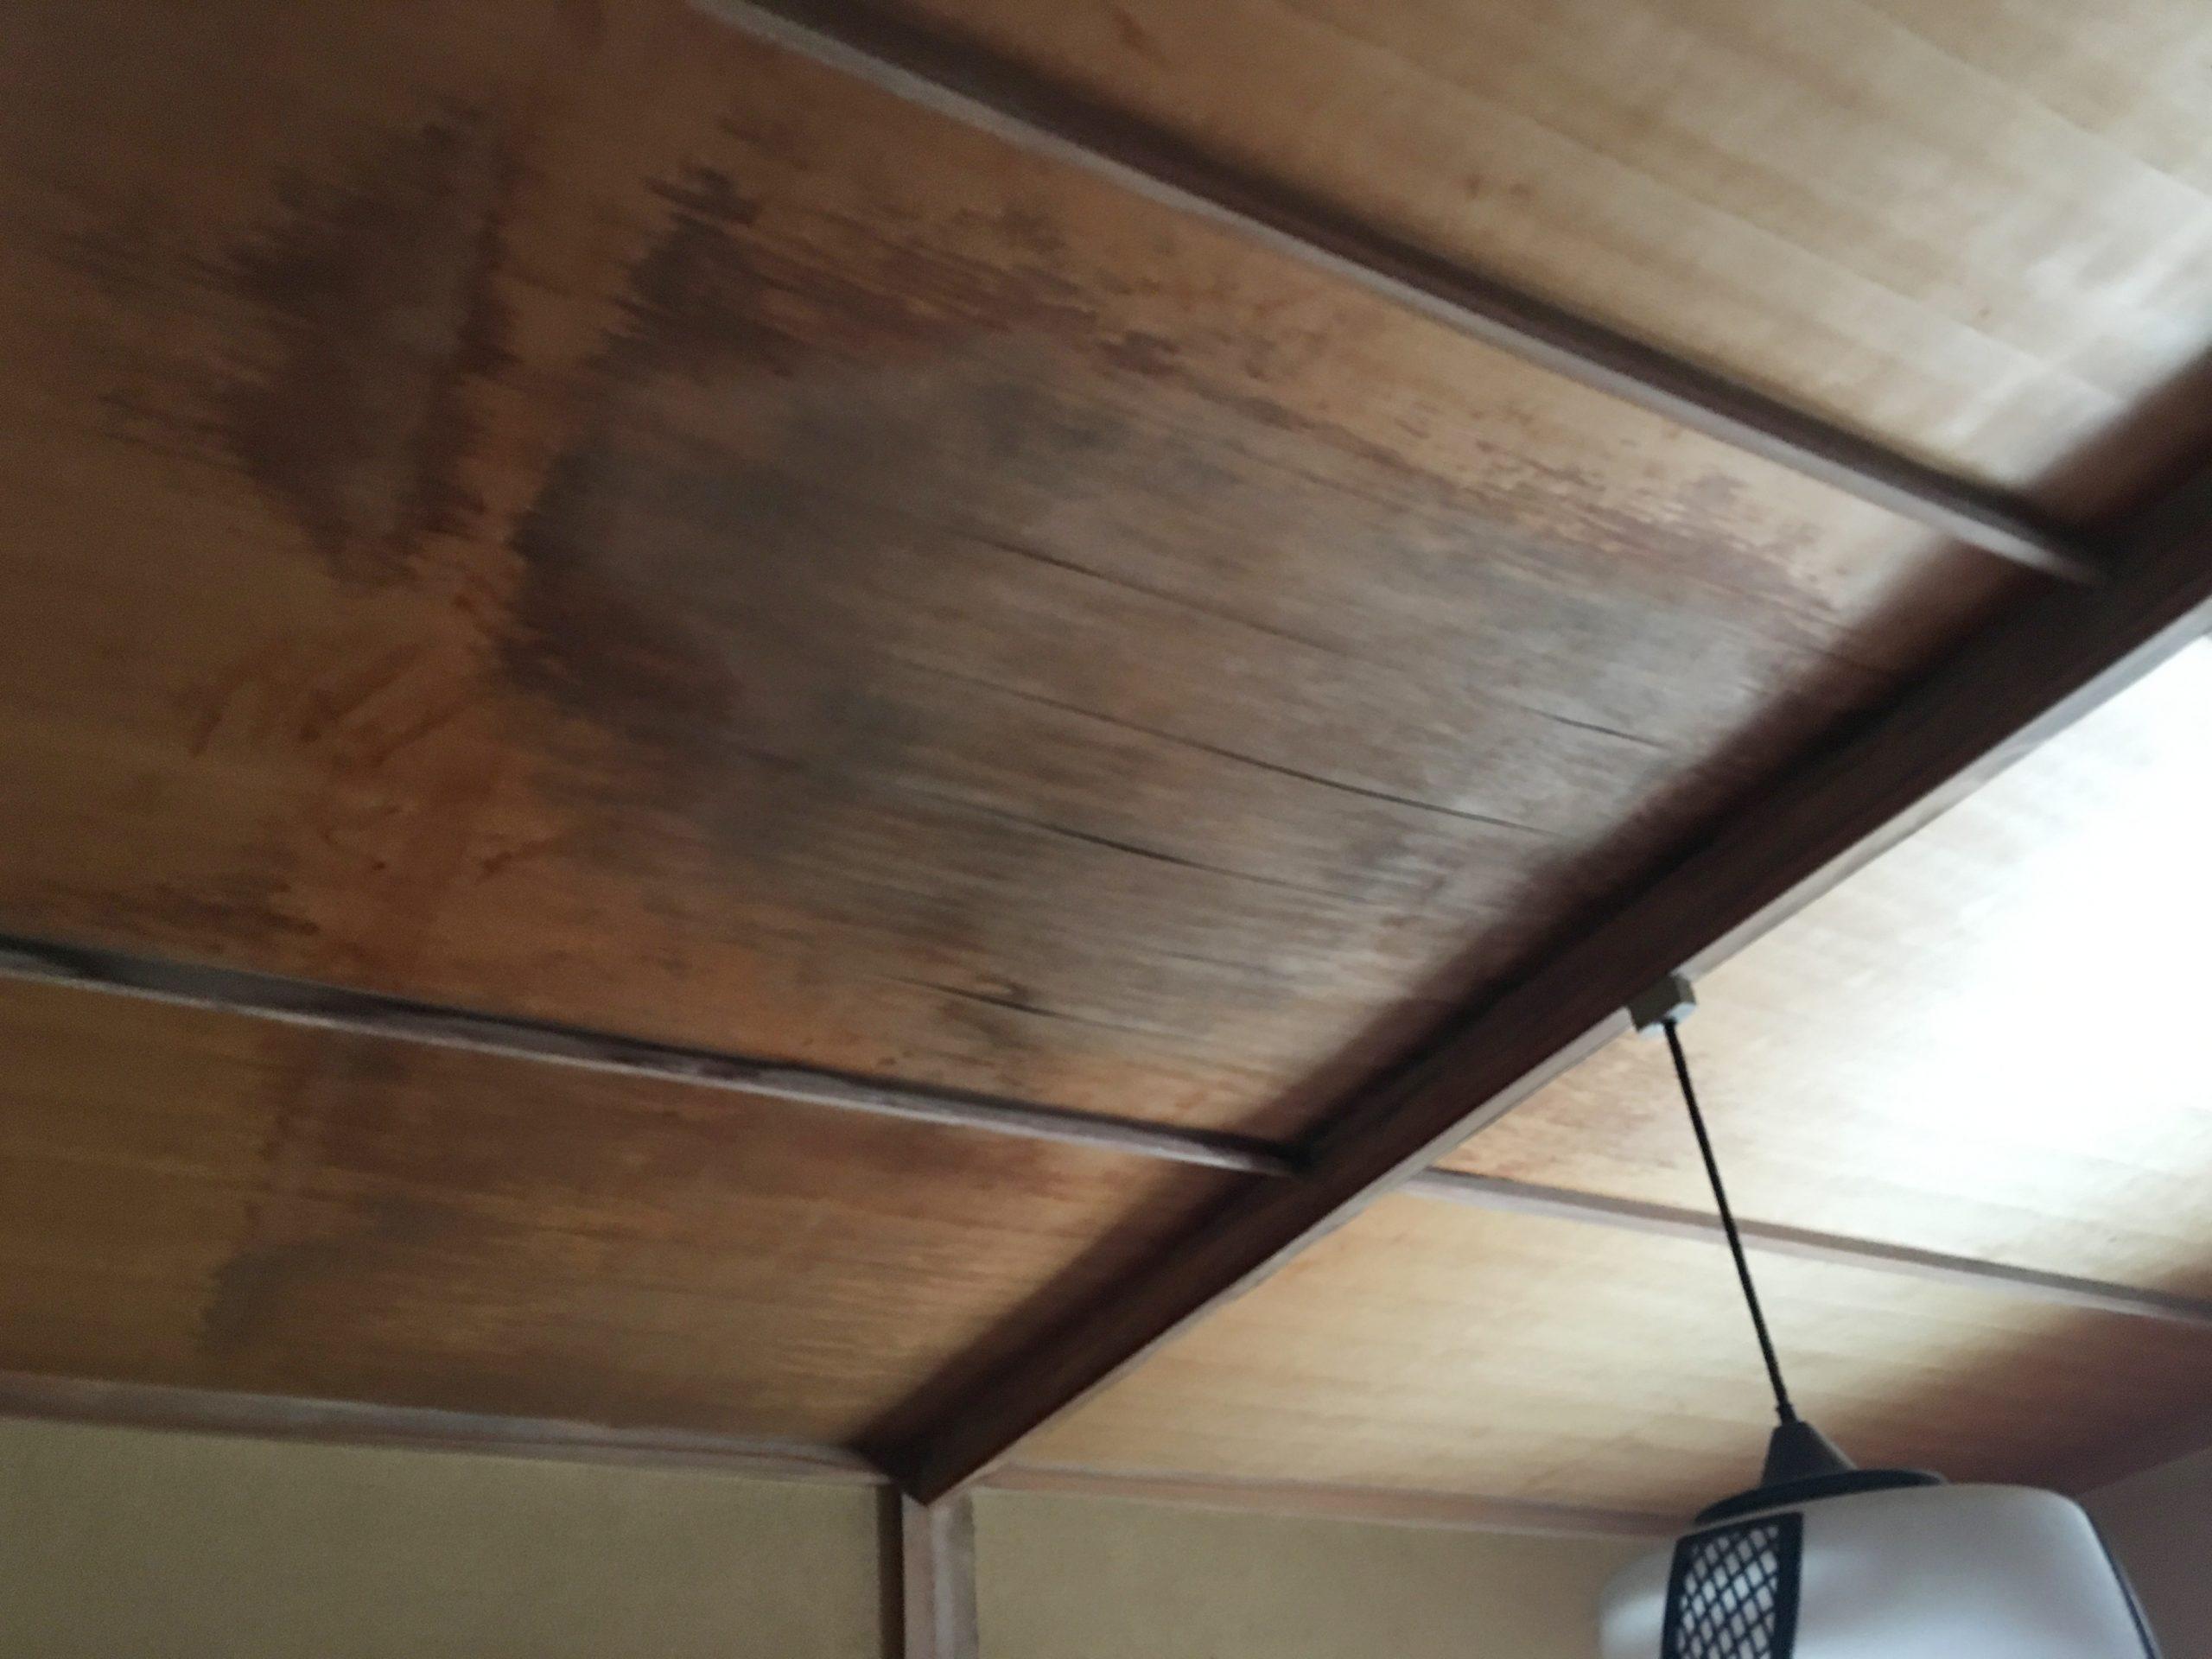 雨水によりたわんだ天井板